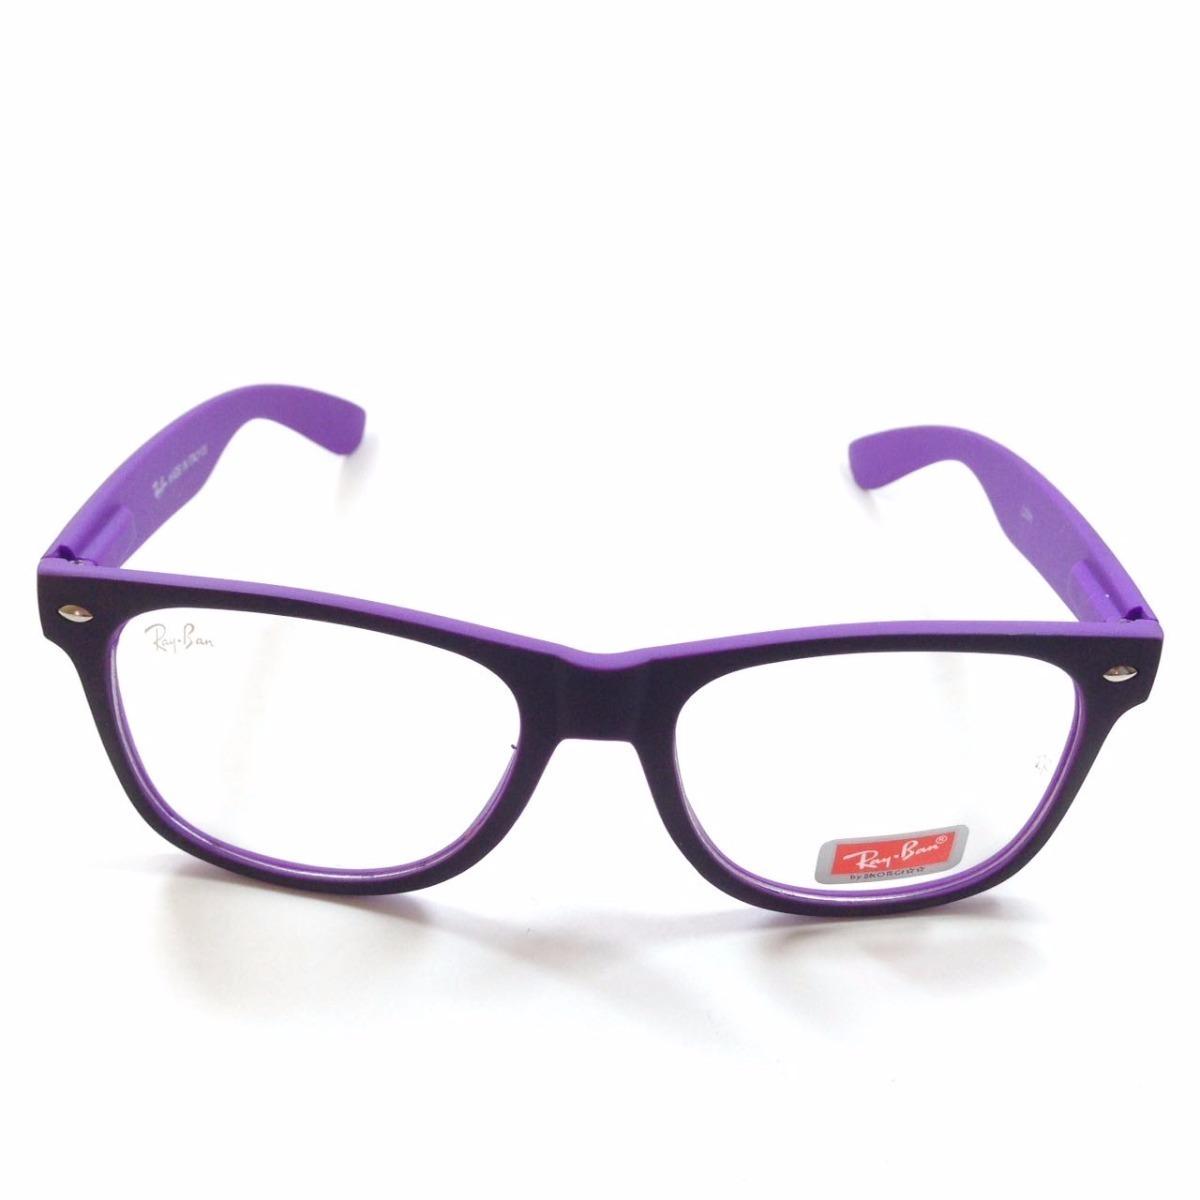 armação oculos grau estilo rayban acetato 5115 promoção. Carregando zoom. d5ac387165